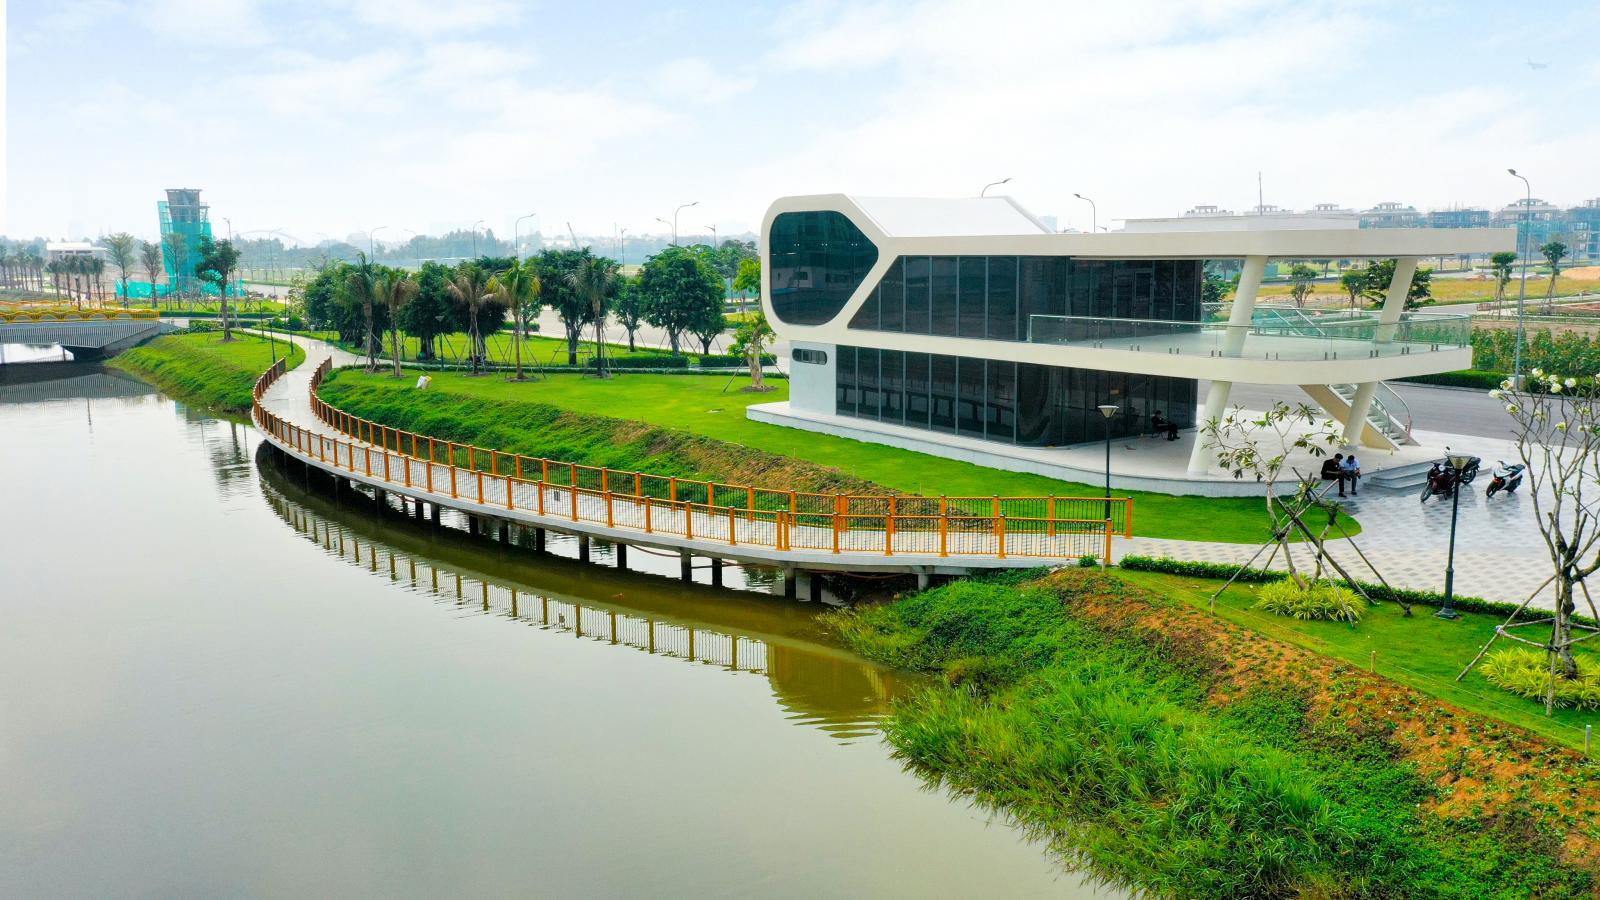 20210129153137 d967 Tin thị trường BĐS mới: Hơn 350 tỷ đồng hoàn thiện công viên và tuyến đi bộ tại Van Phuc City